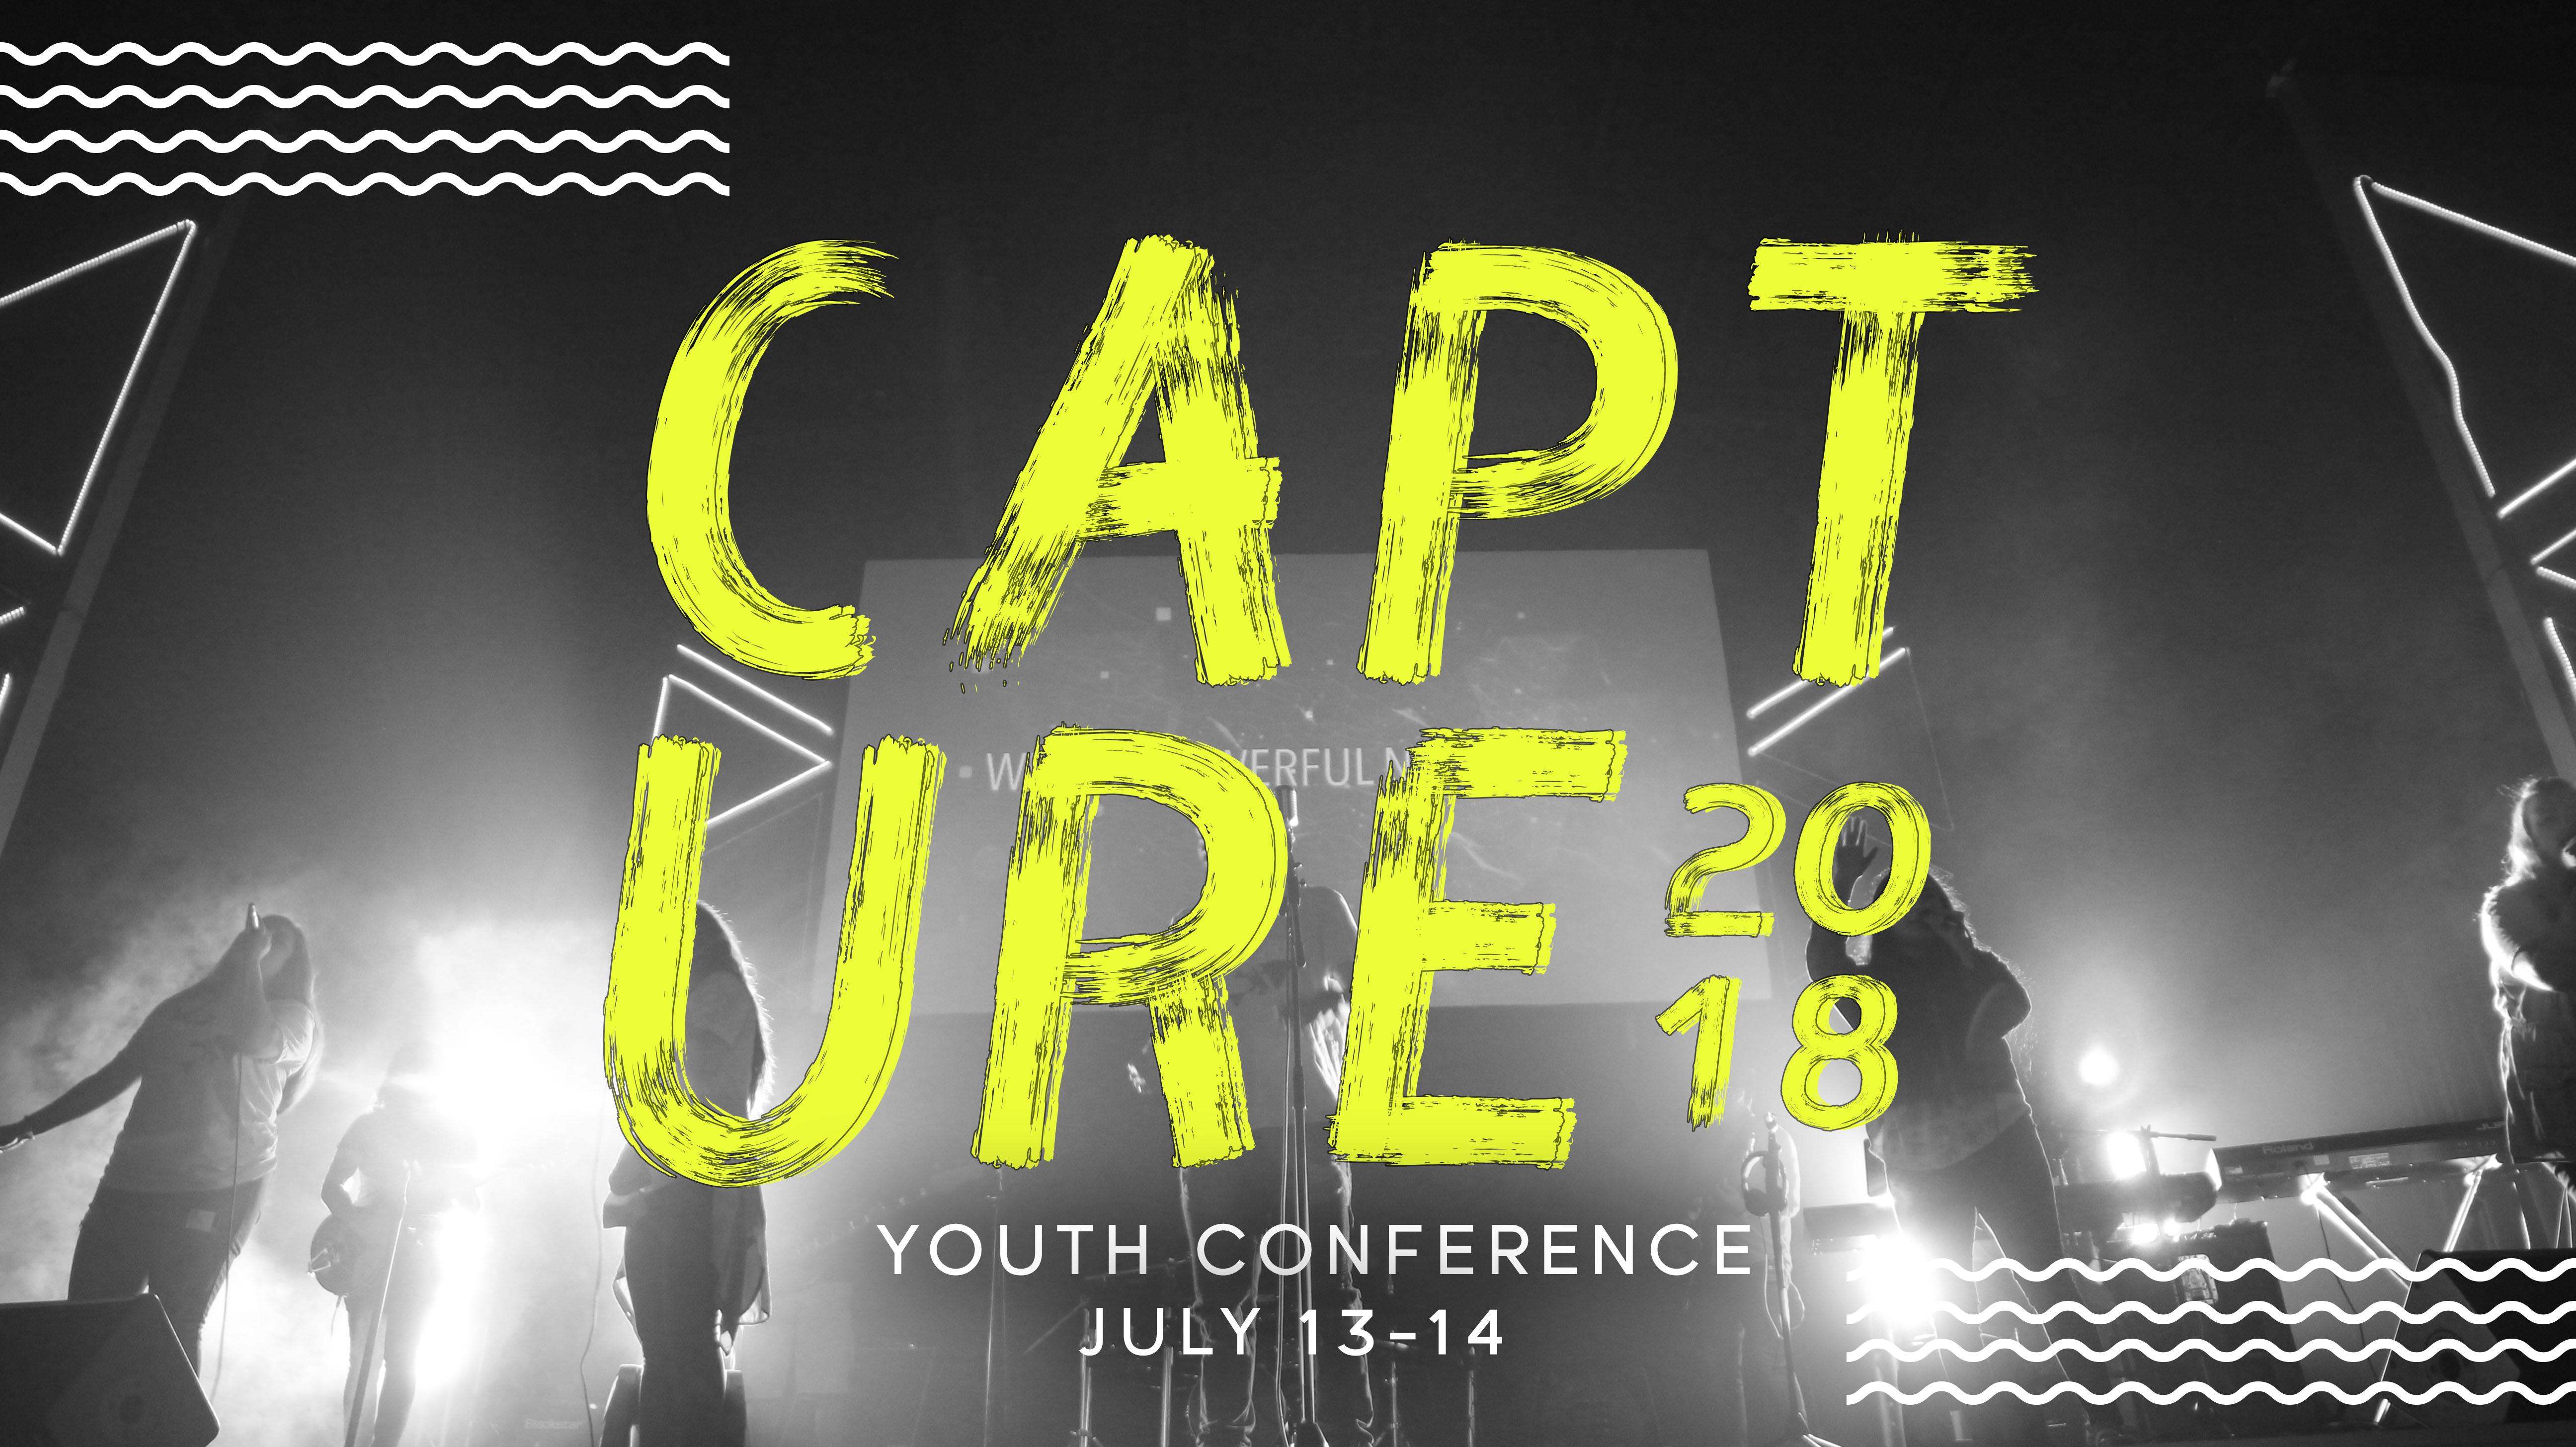 Capture 2018 1